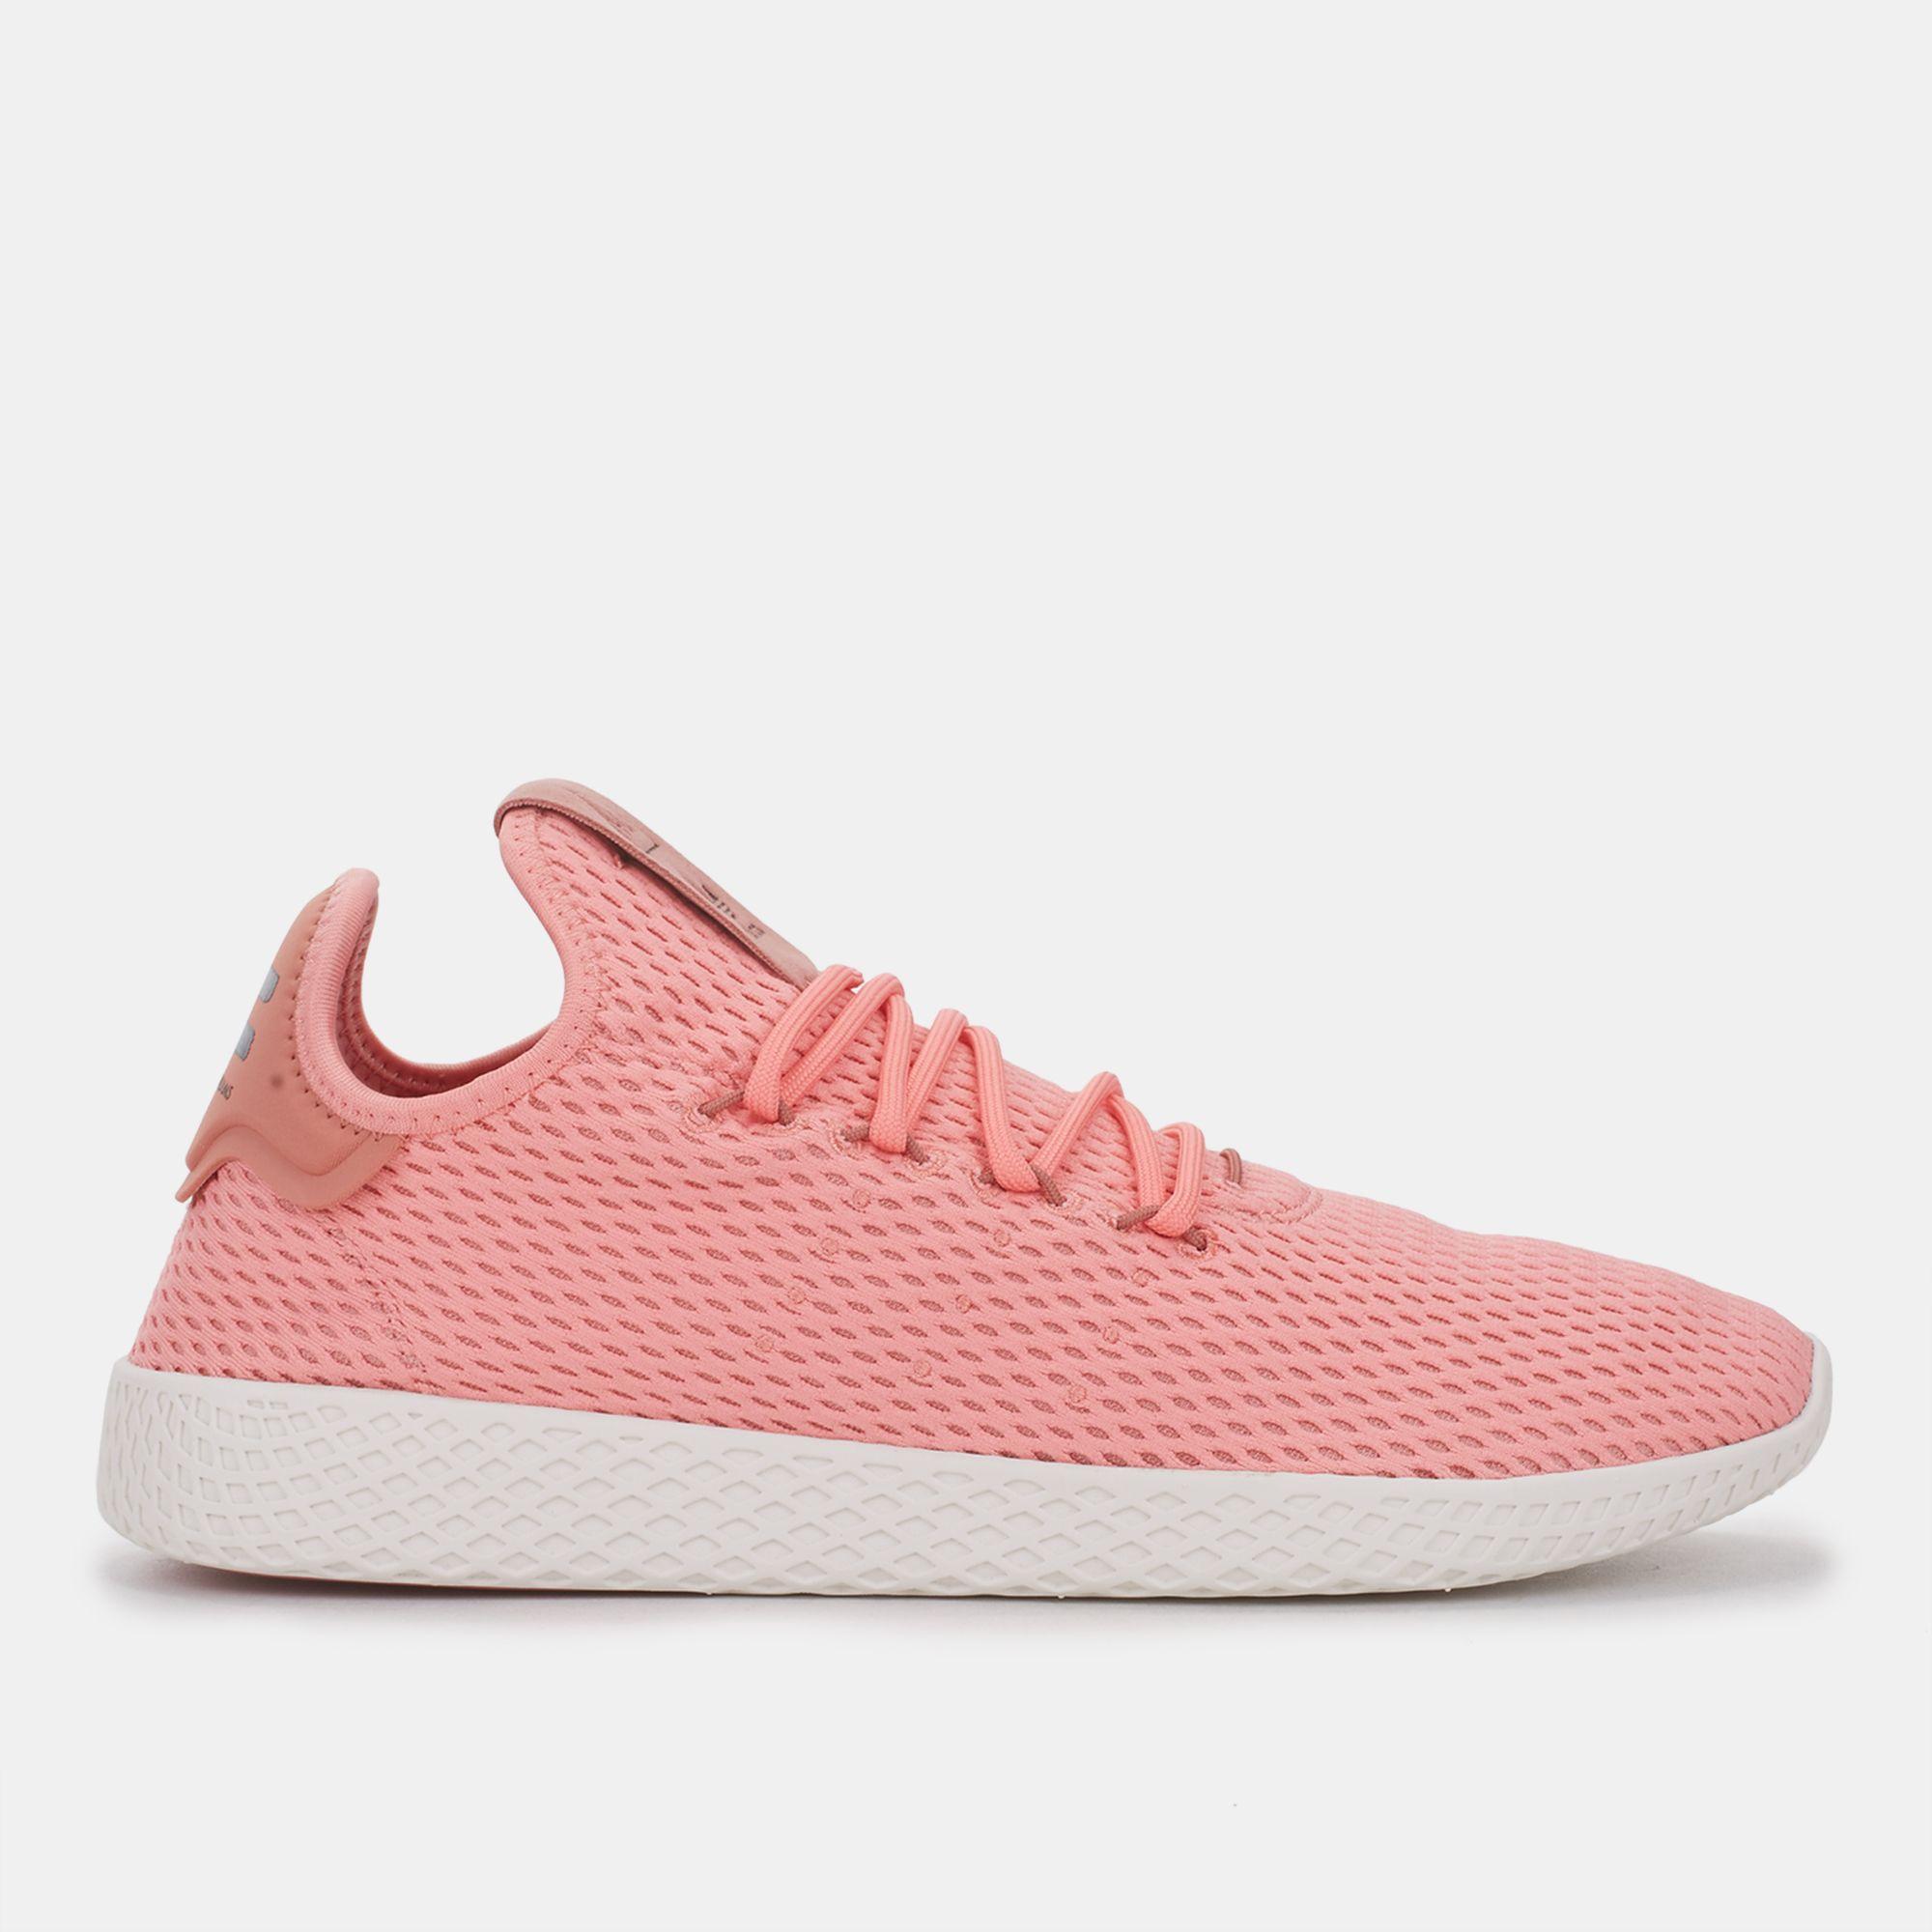 Tienda Rojo adidas Originals Pharrell Williams Tennis Hu zapatos para hombres